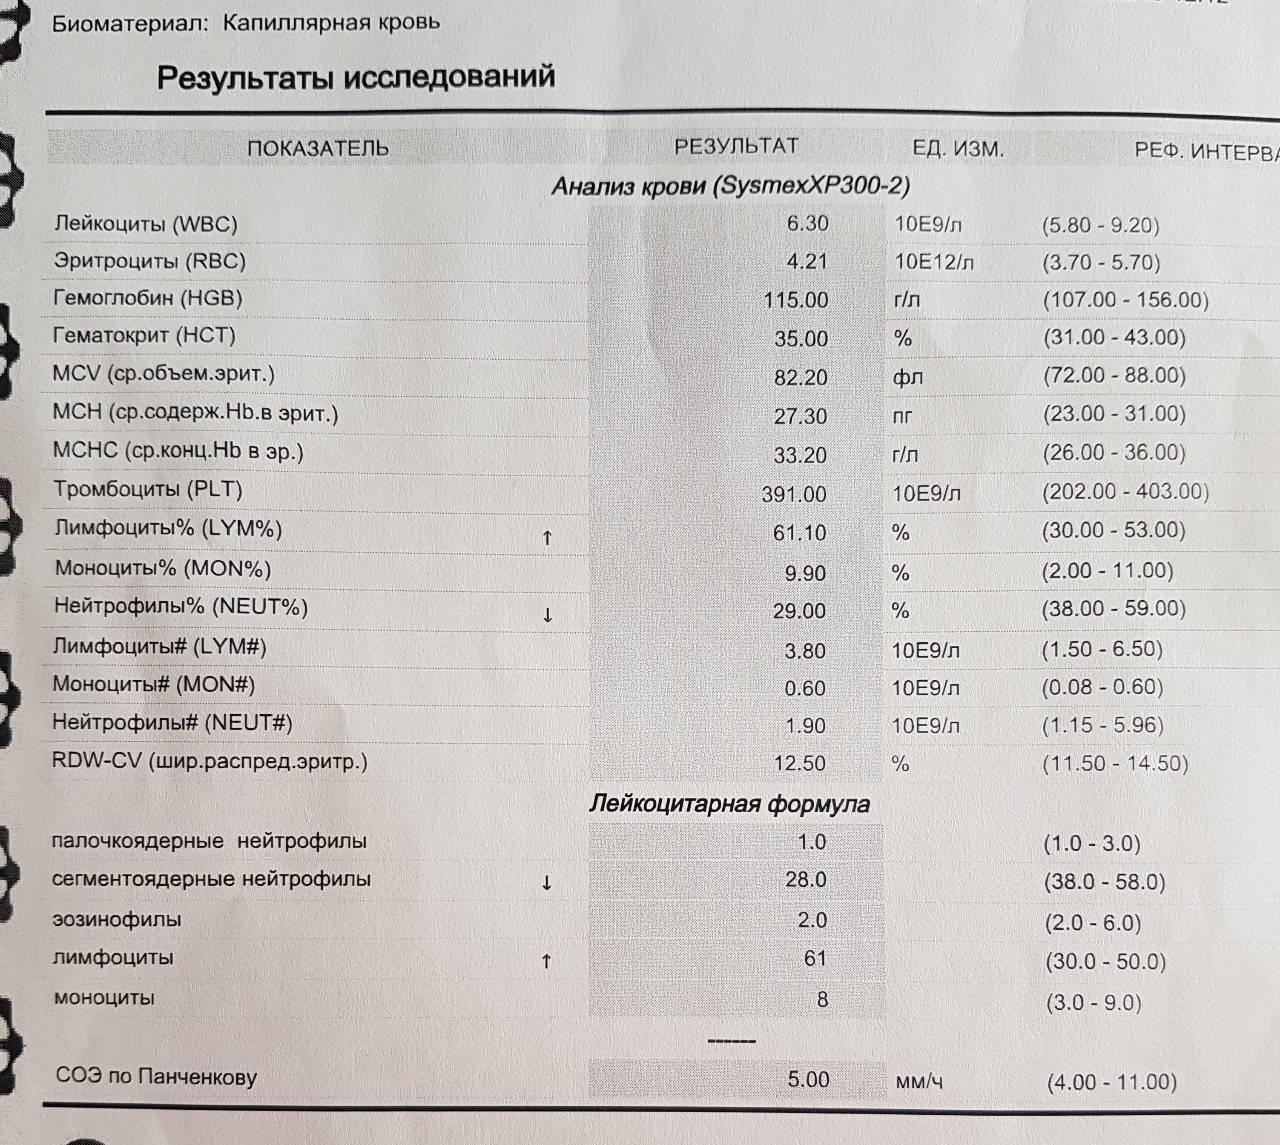 Сегментоядерные нейтрофилы у ребенка: пониженные и повышенные у малышей в возрасте 2, 3 лет и не только, причины увеличения и уменьшения количества в крови, норма